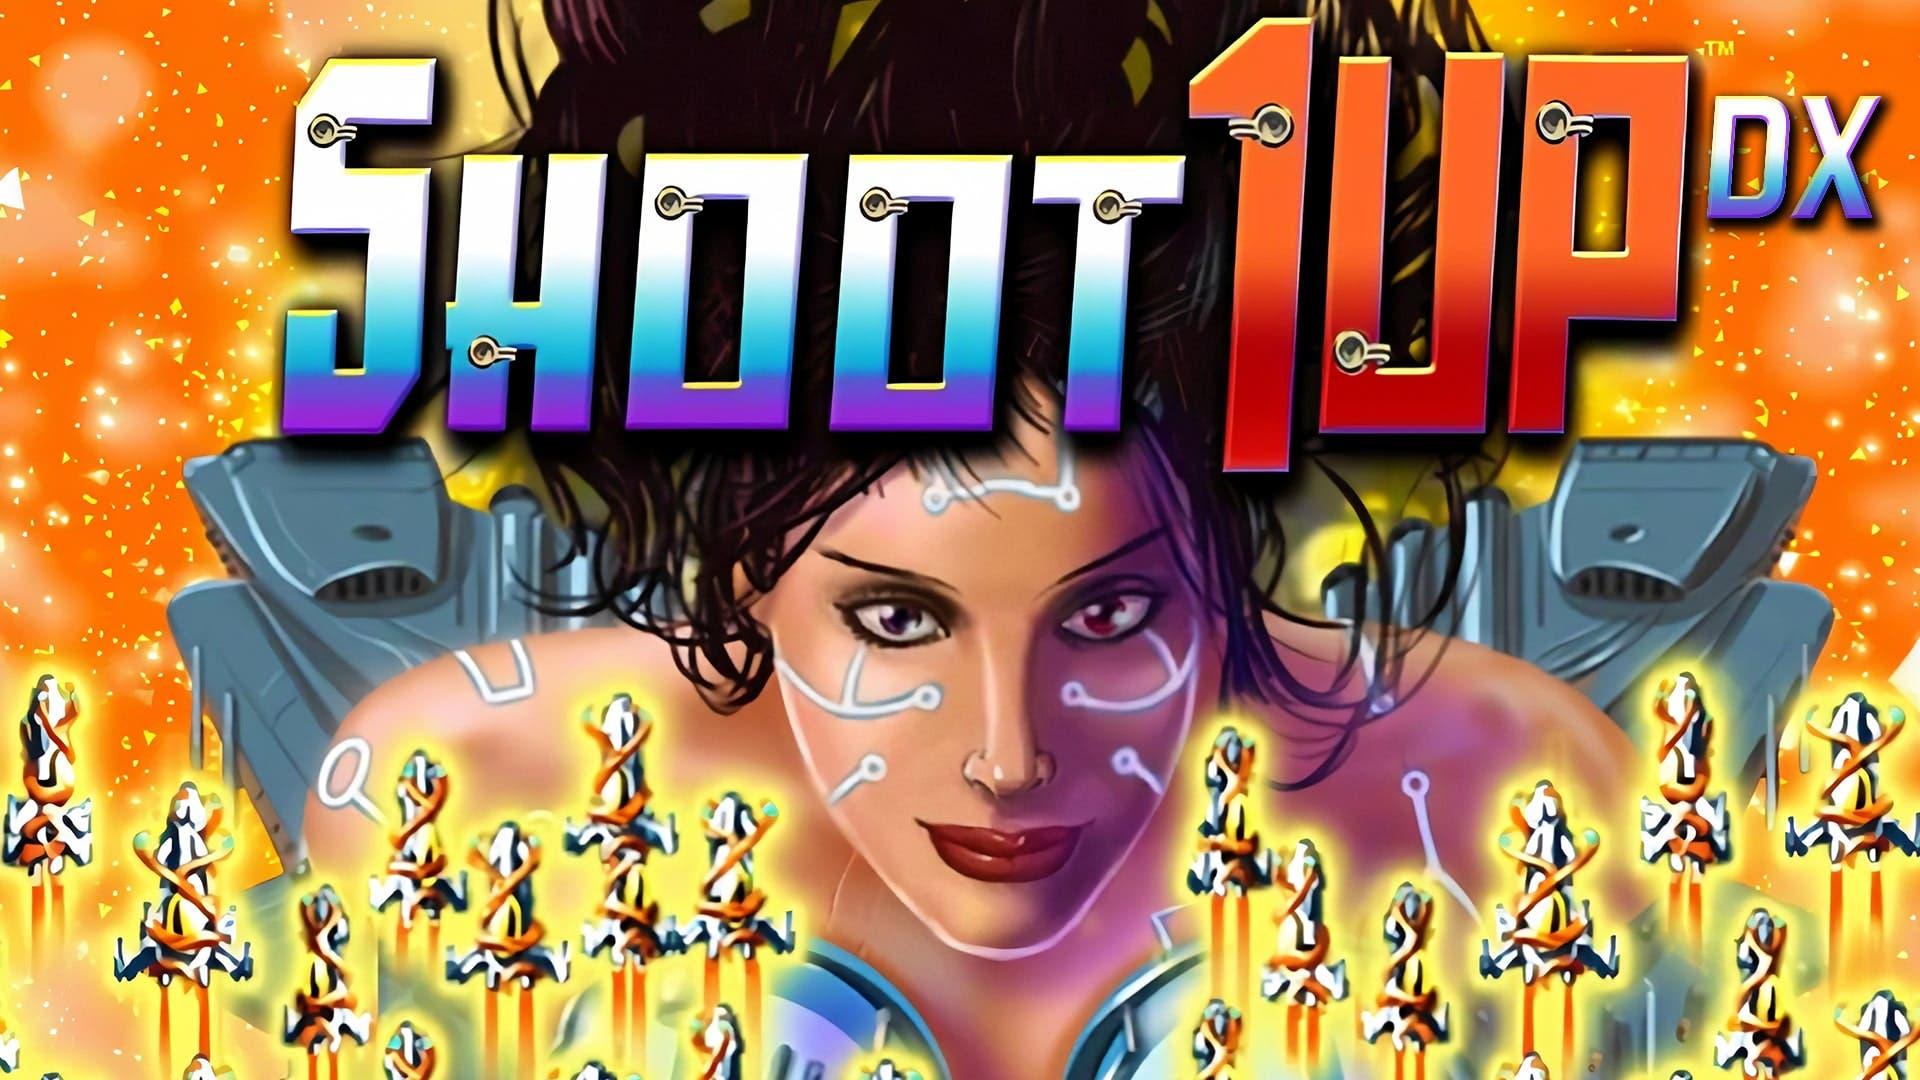 Este gameplay nos muestra cómo luce la acción retro de Shoot 1UP DX en Nintendo Switch